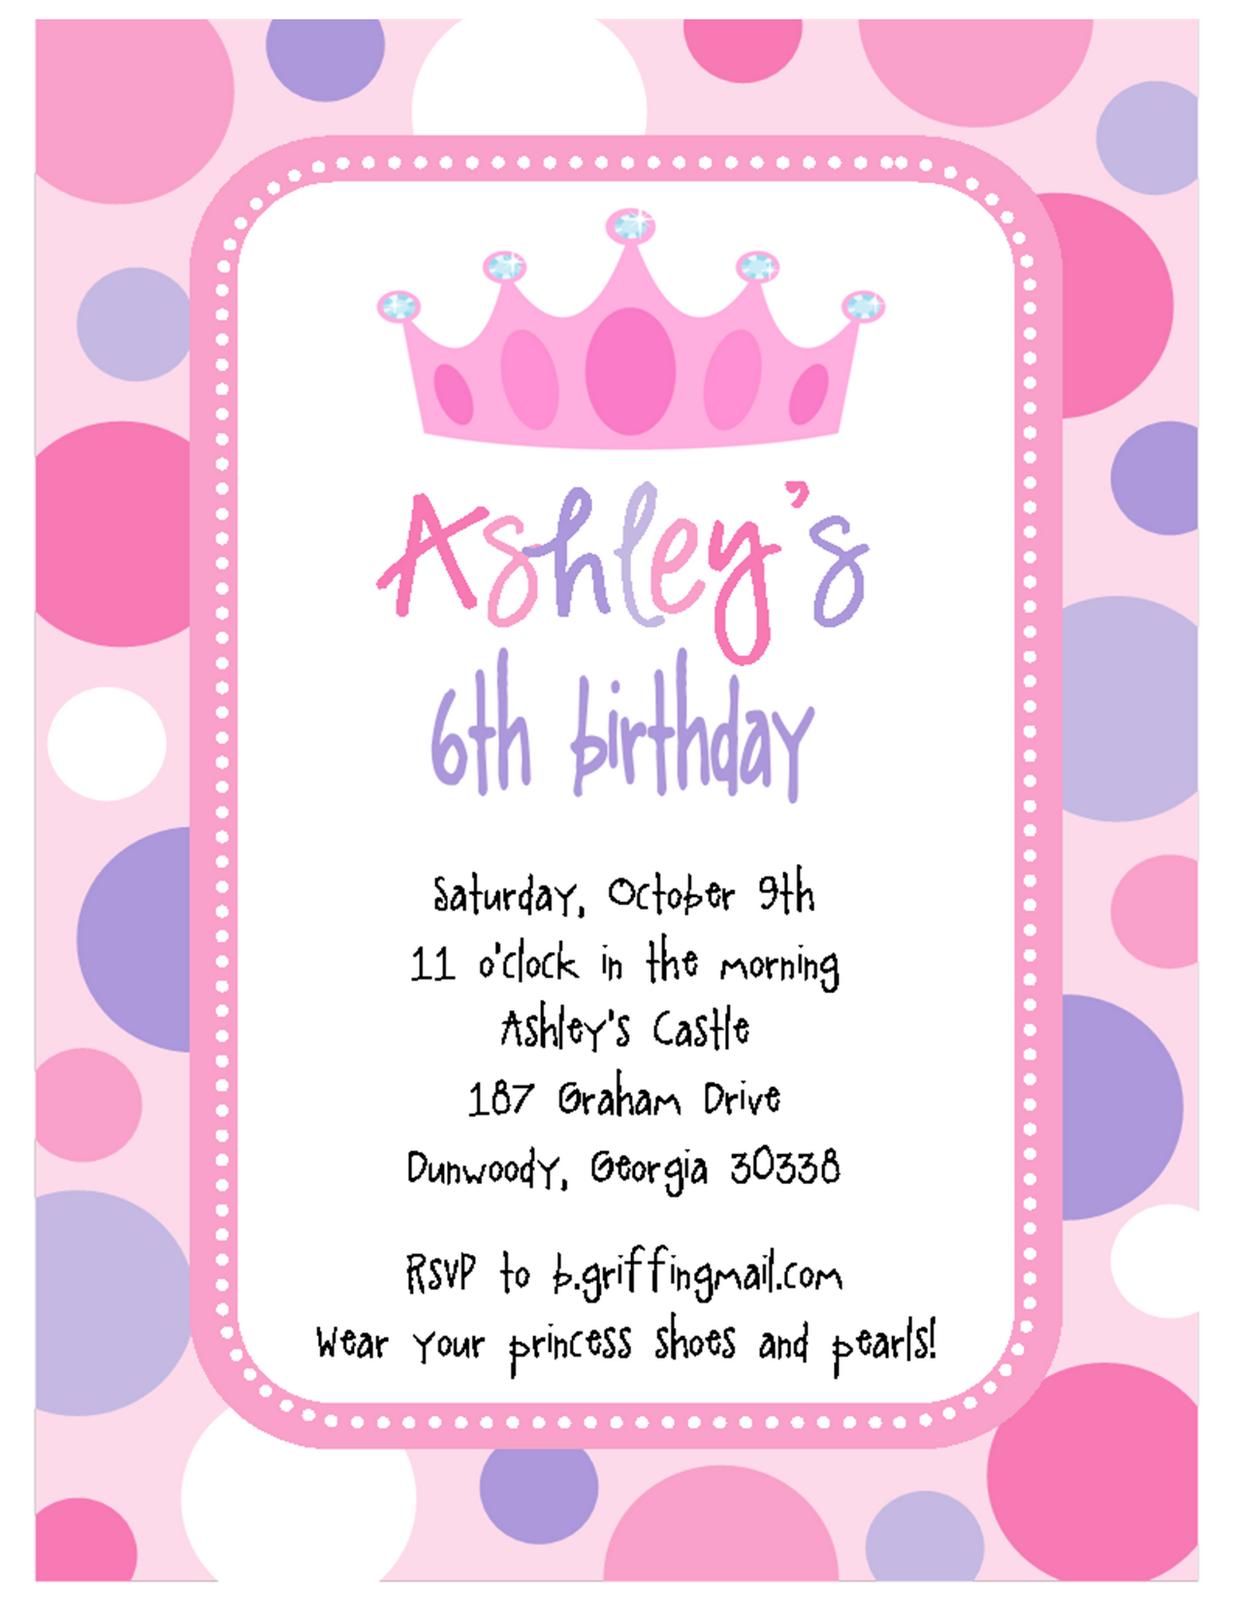 http://4.bp.blogspot.com/_BaXD69jbq7A/TH8ARLTC3rI/AAAAAAAAAjc/a5s9bS5OG2k/s1600/Princess%2BCrown%2BInvite%2BBlog.png